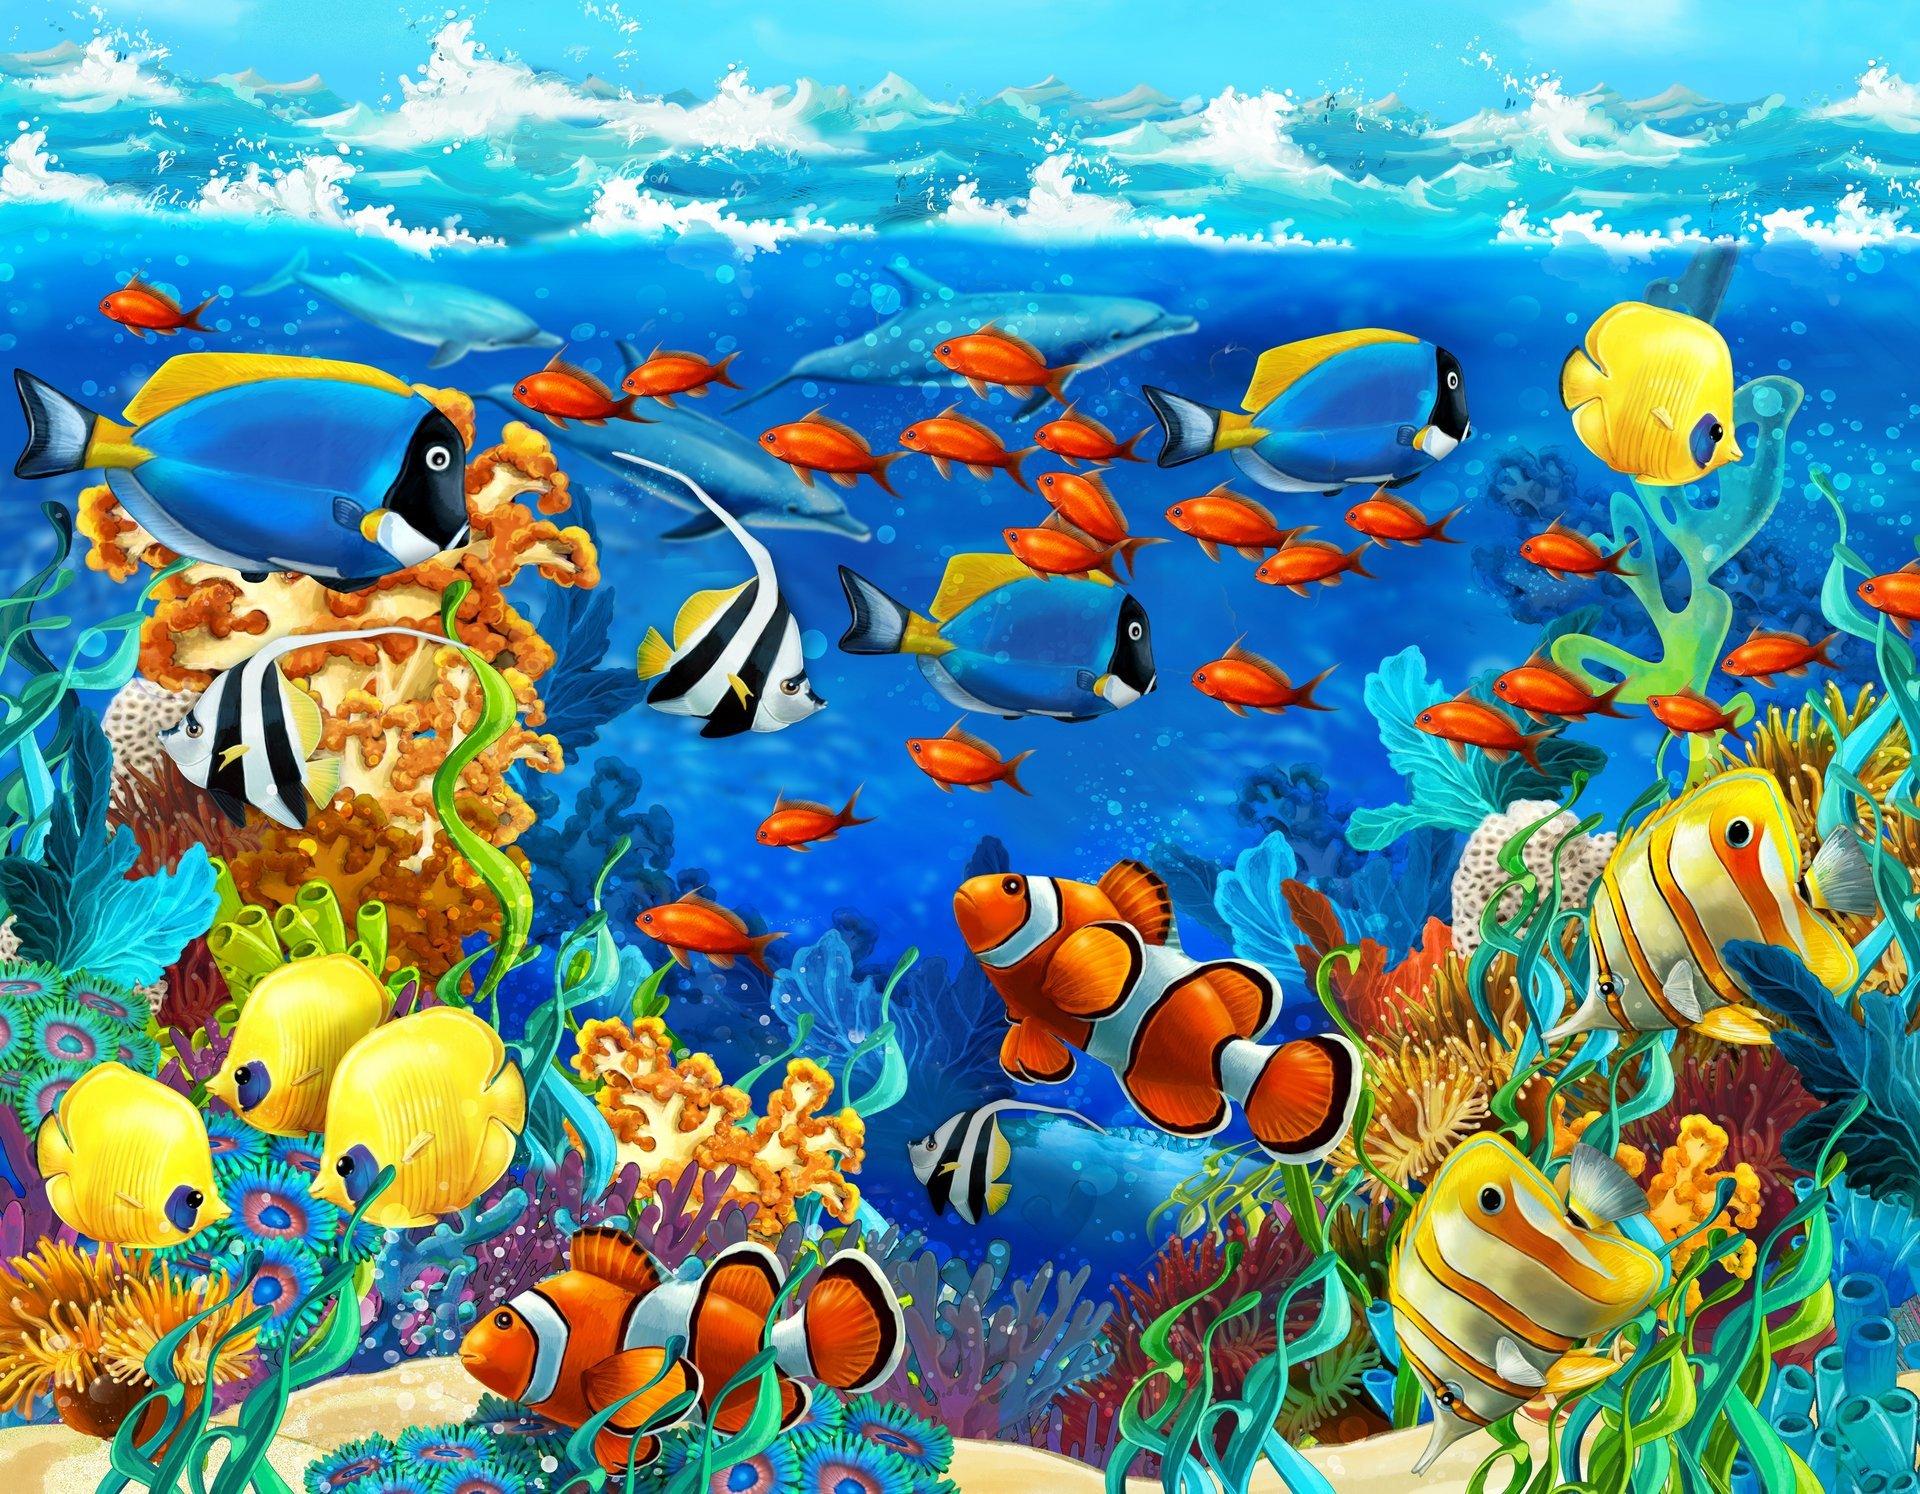 прошла яркая картинка на тему моря карта готол позволяет